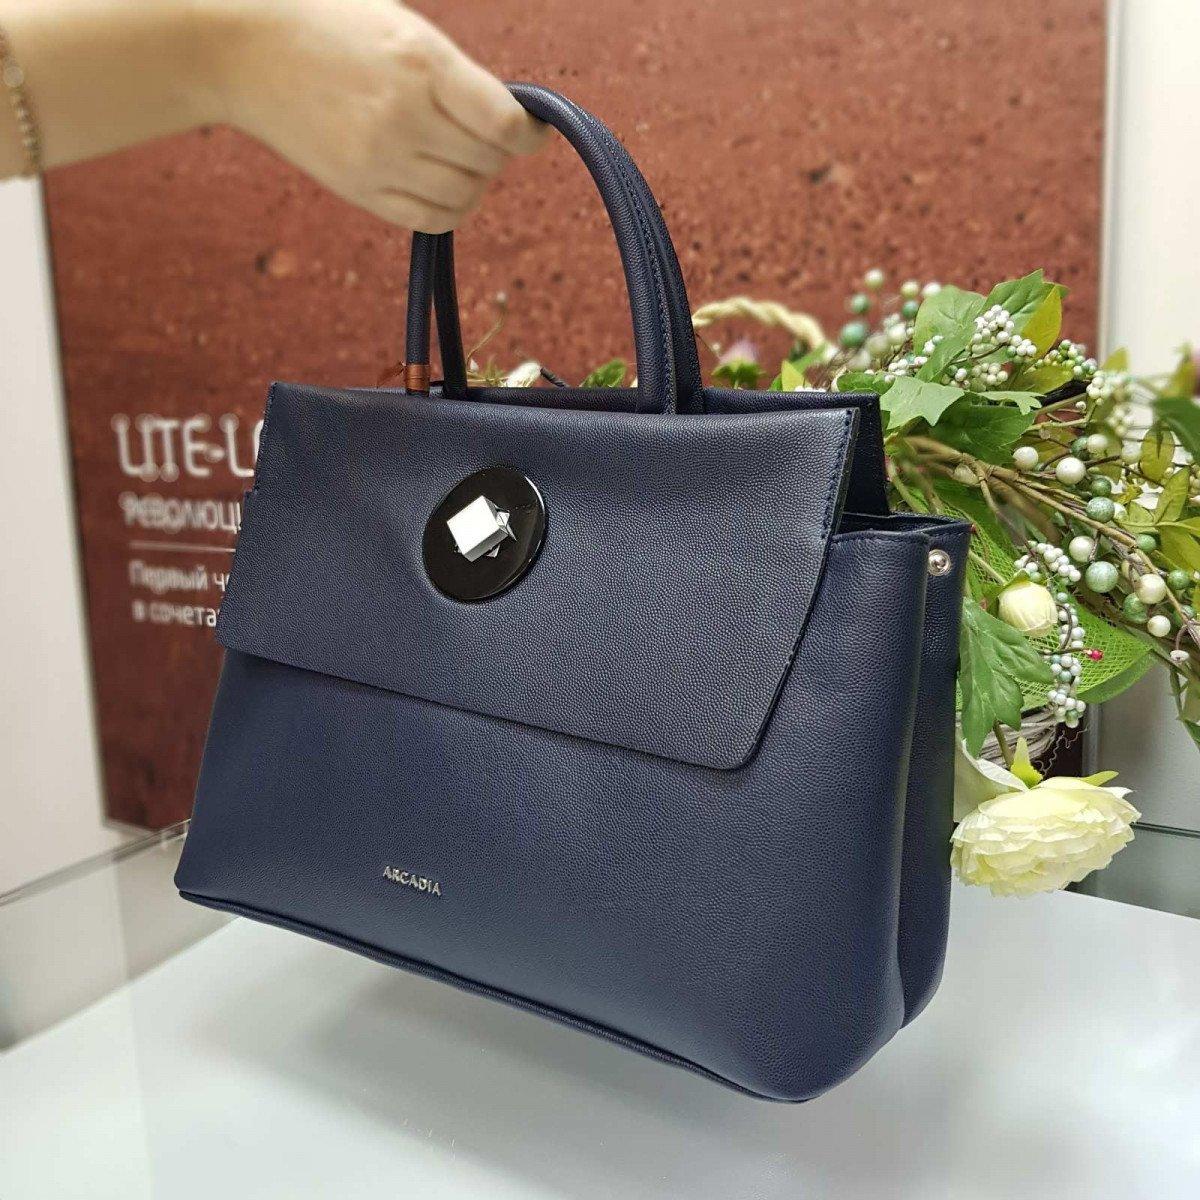 Женская кожаная сумка Arcadia 8670 brein blu из натуральной кожи